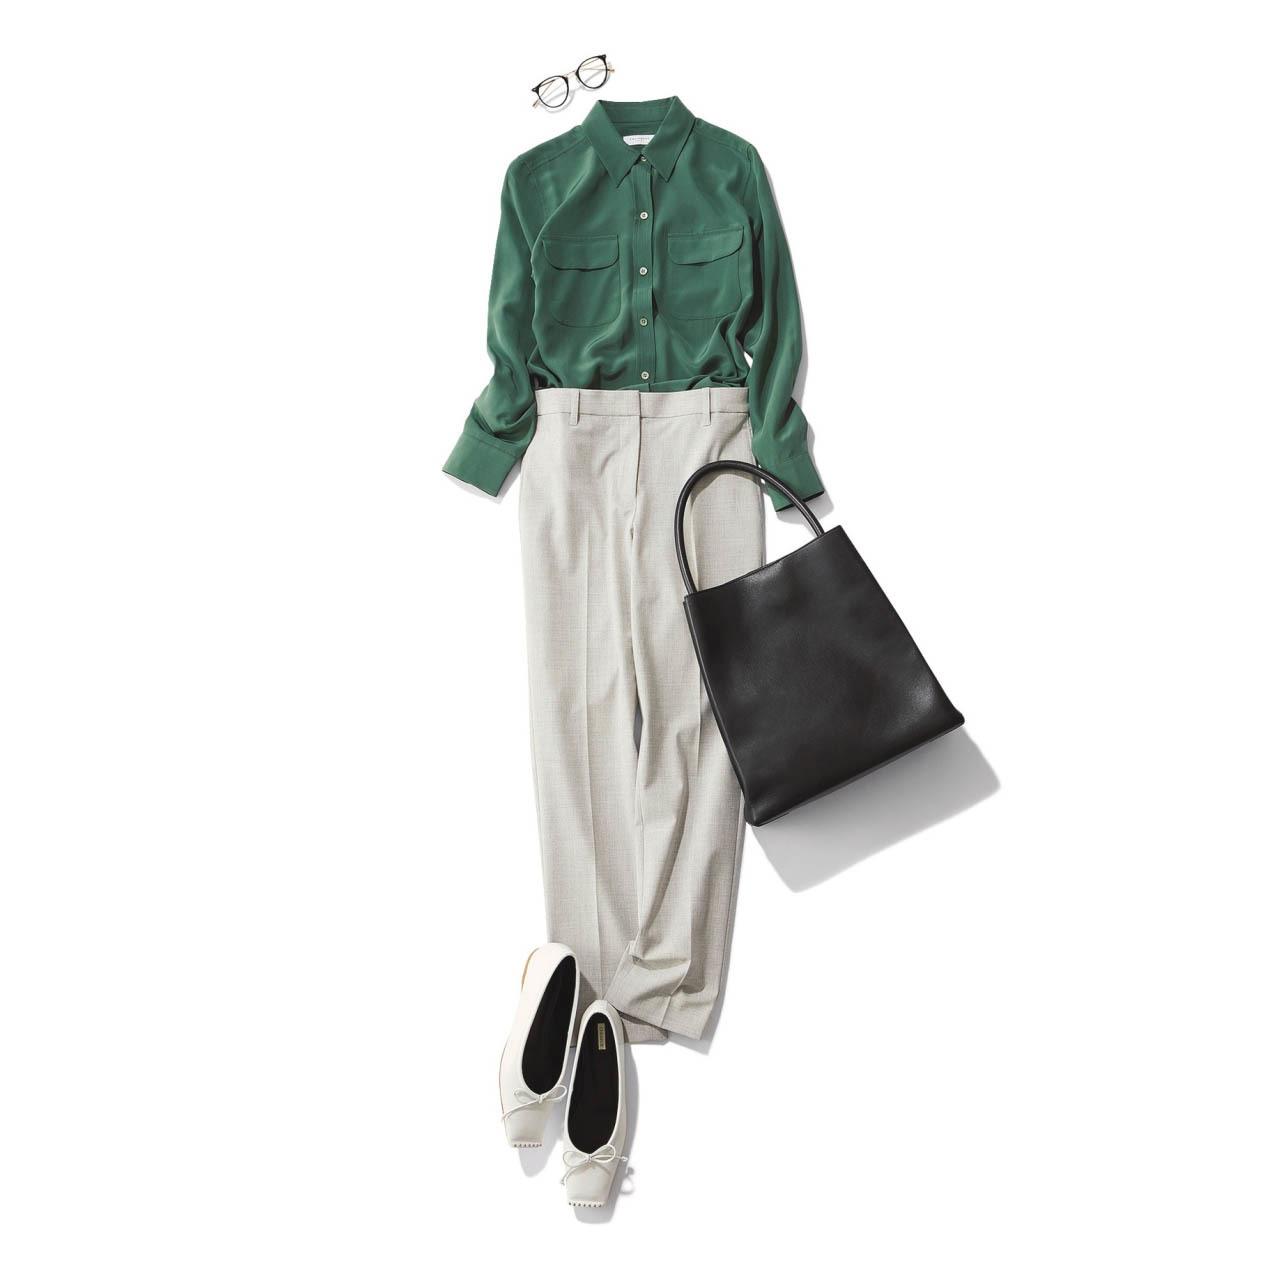 ■グリーンのシャツ×グレーのパンツコーデ